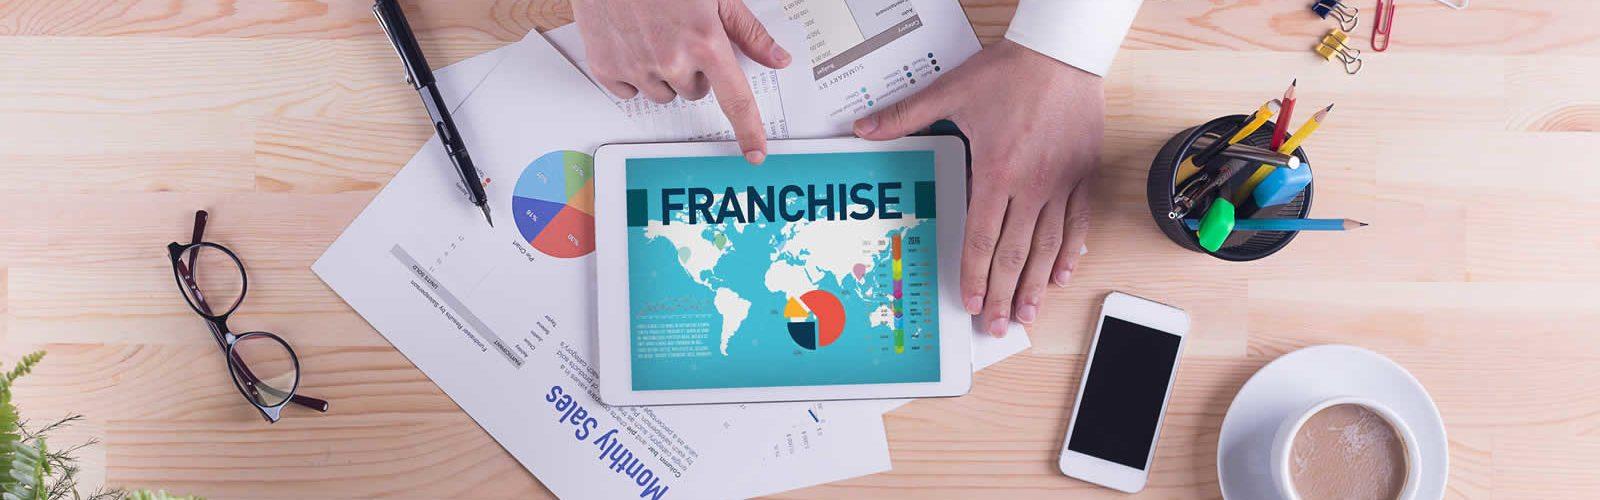 ouvrir-franchise-marque-implantation-etats-unis-une